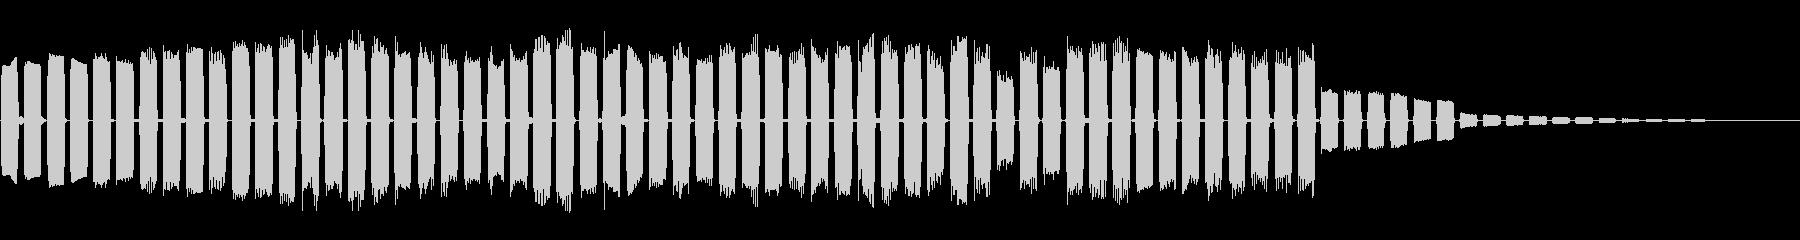 オーバードライブアルペジオアクセントの未再生の波形